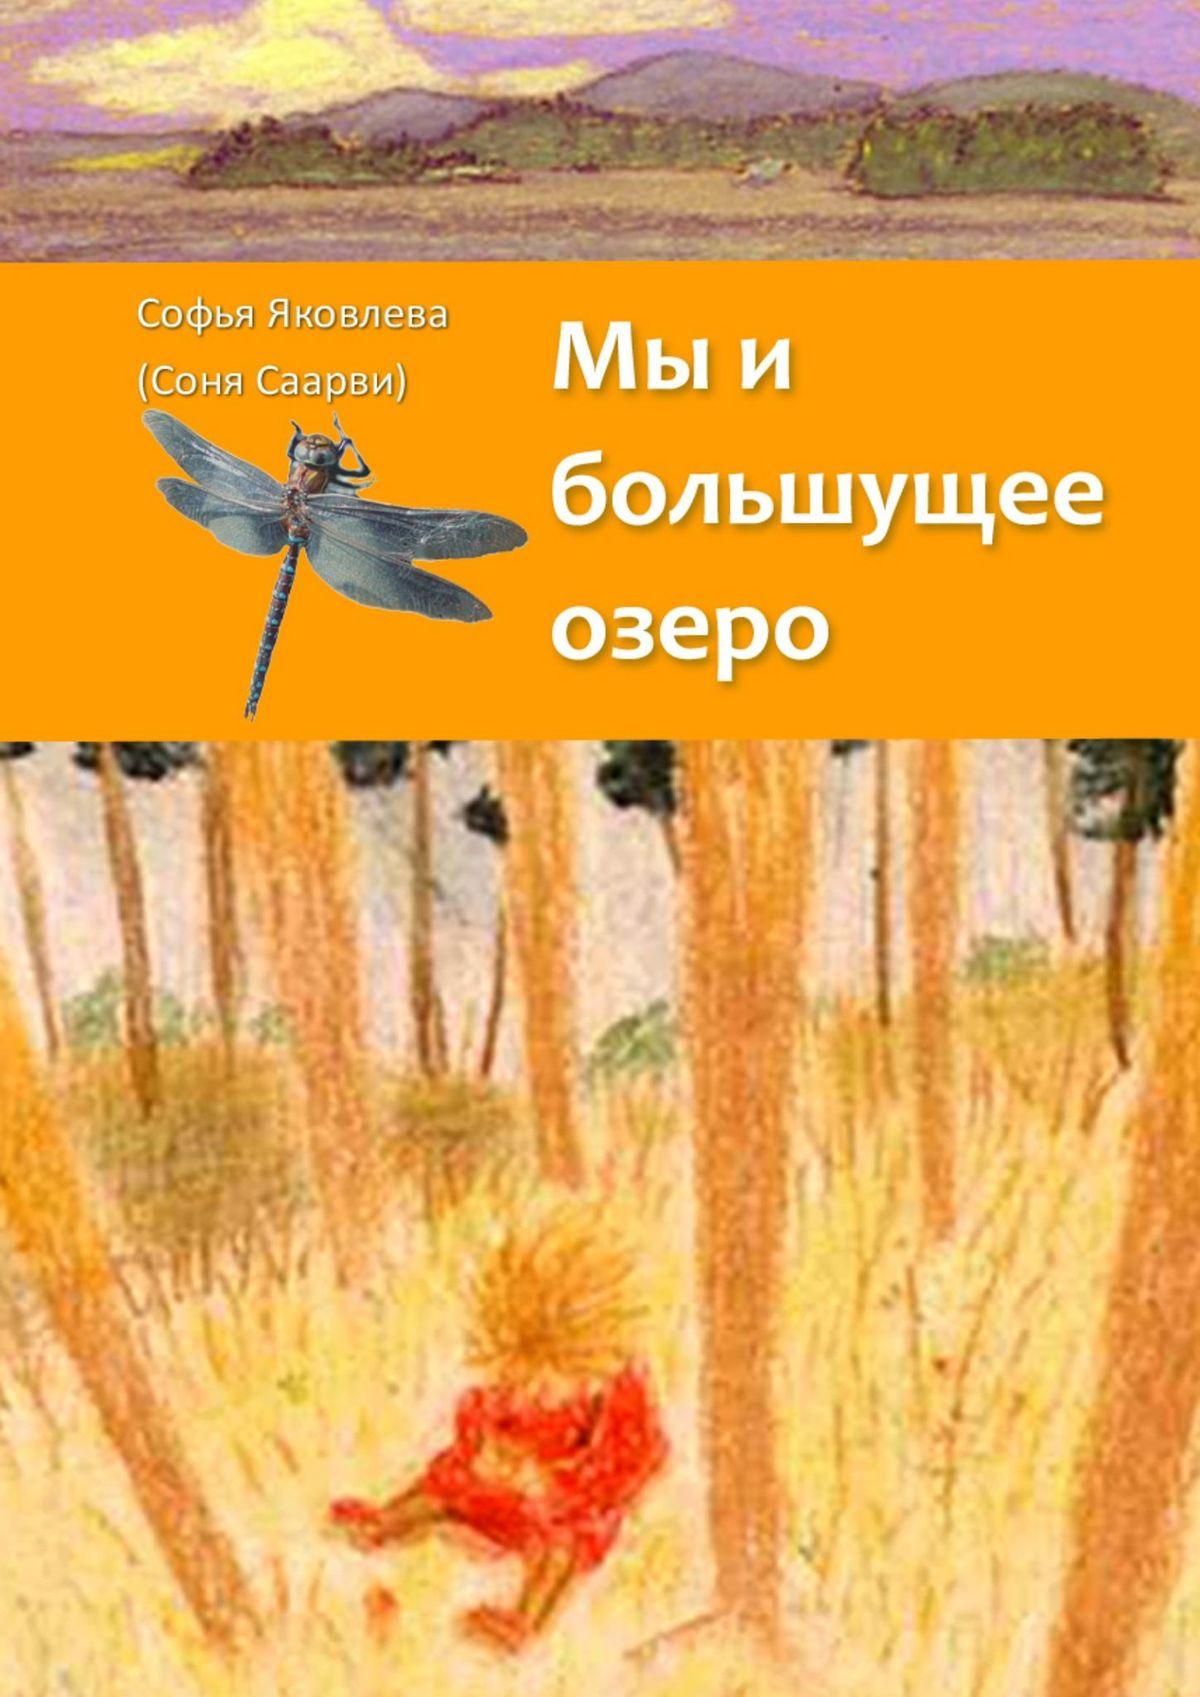 Софья Яковлева Мы и большущее озеро